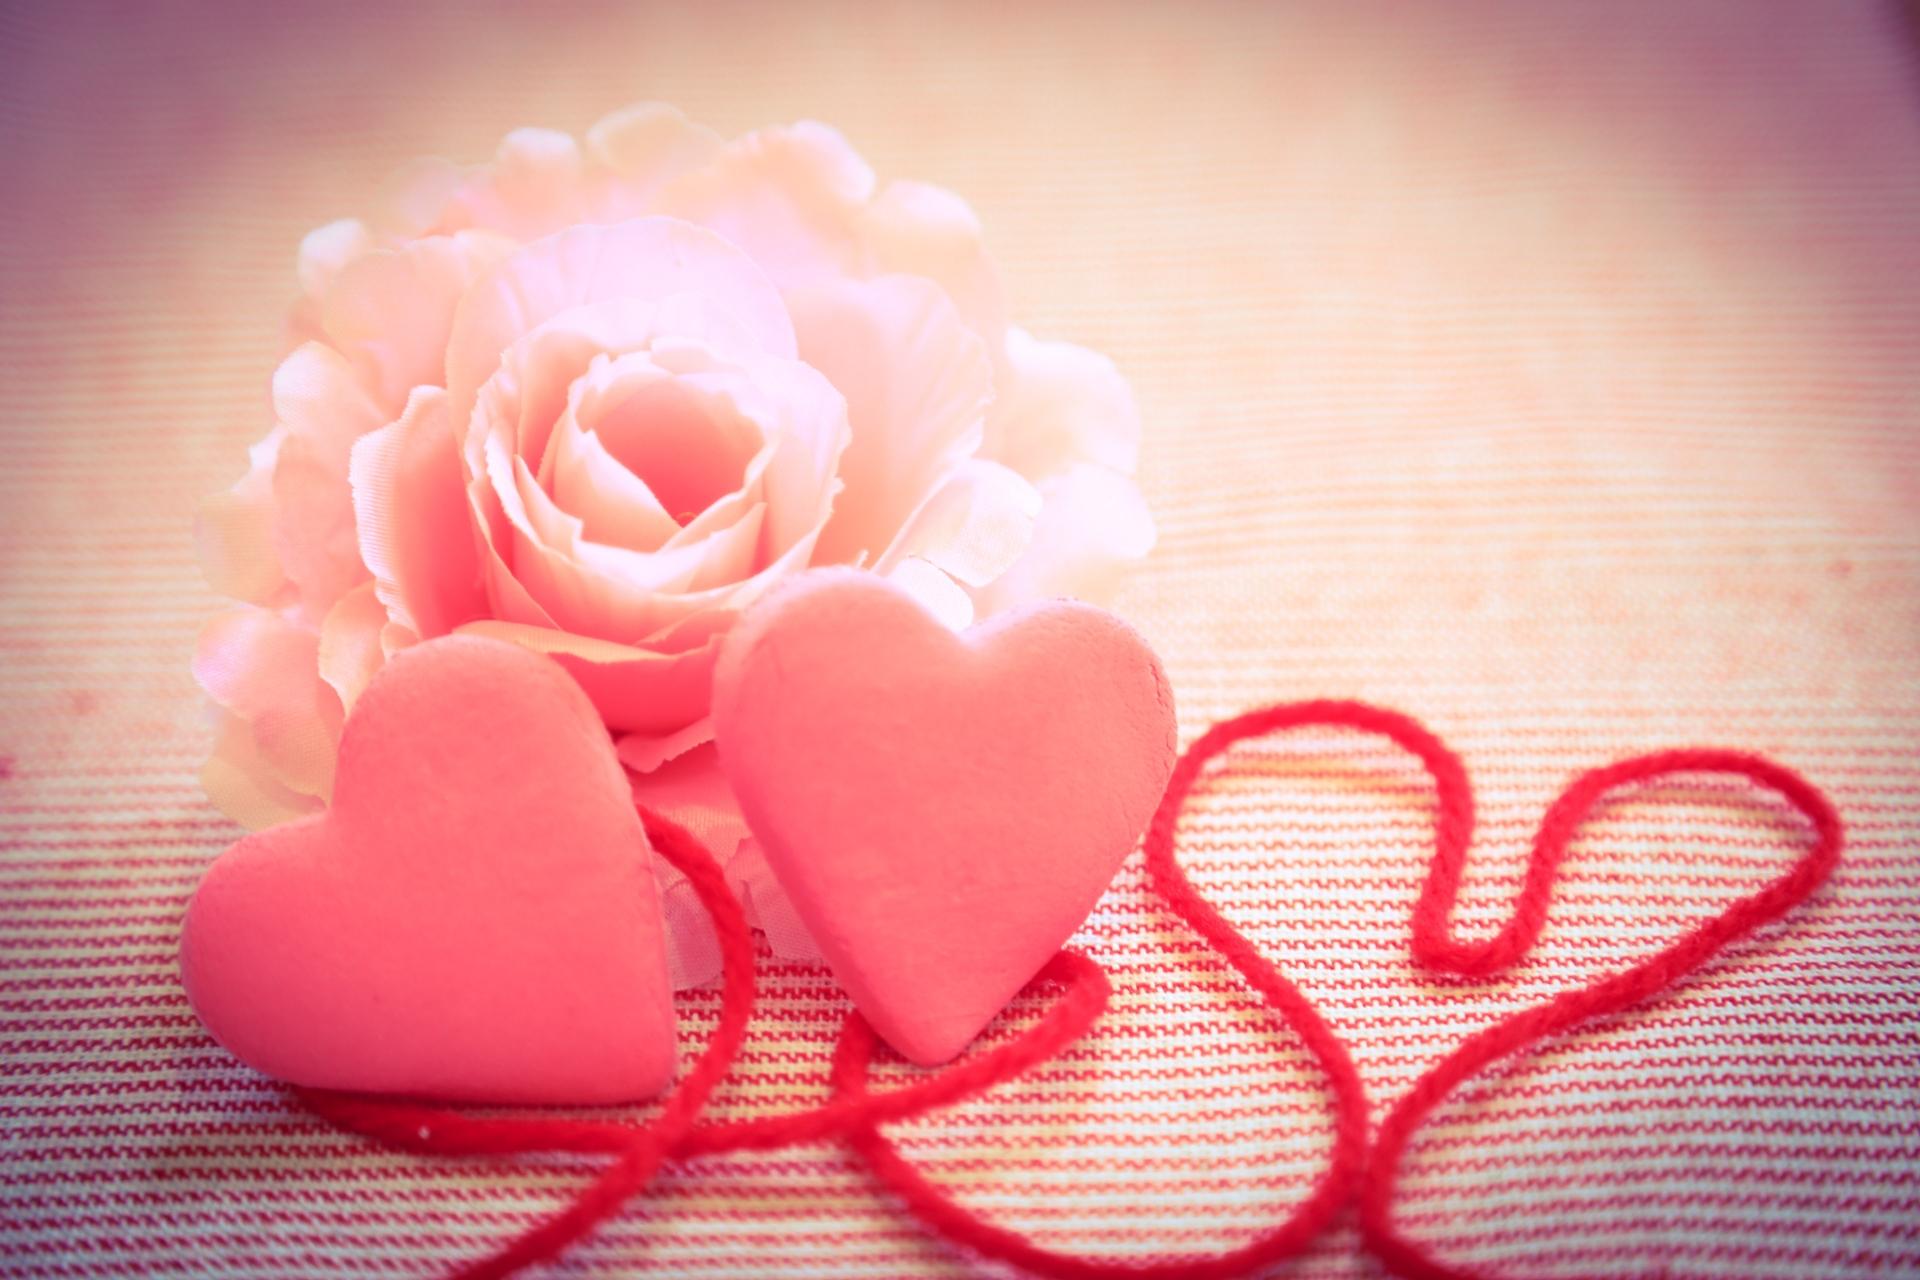 チョコ以外のバレンタインプレゼントおすすめ25選!服や靴下も